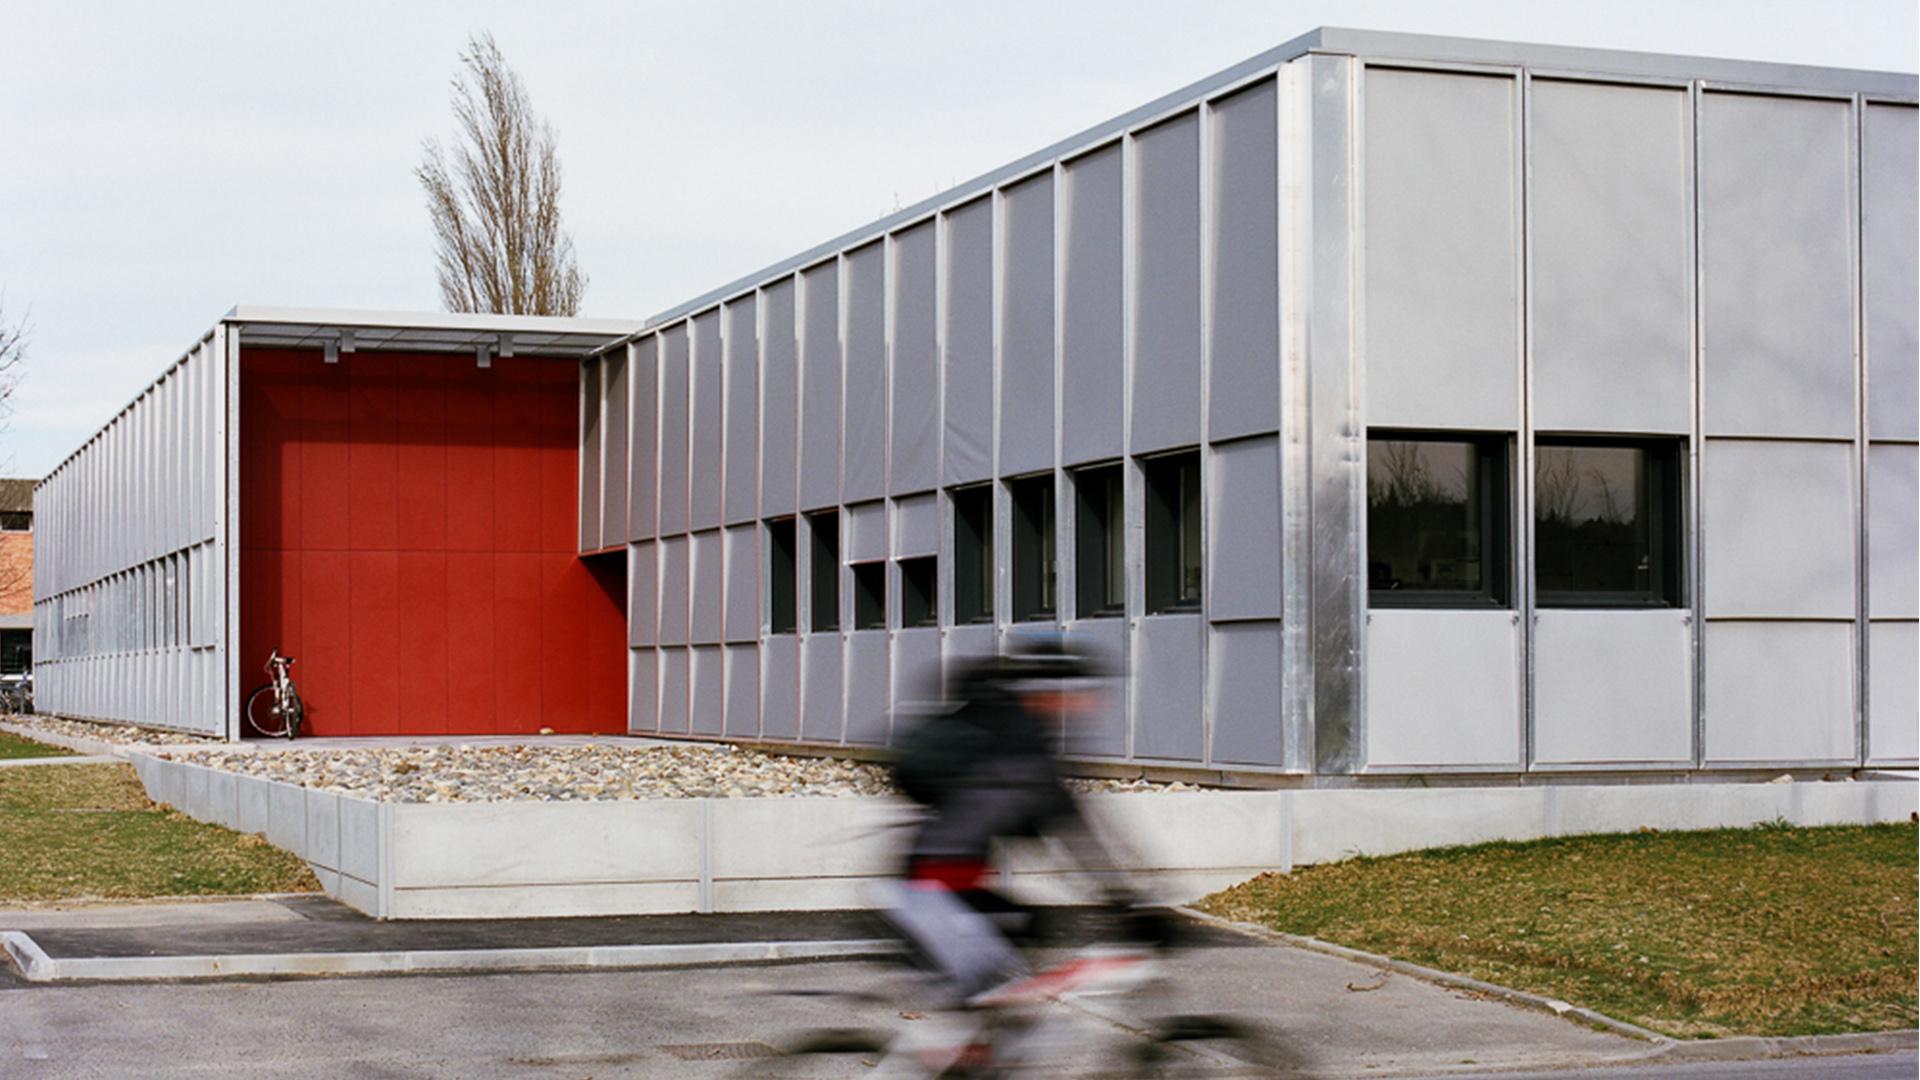 01-Seuil-Architecture-CRGS-crédit-Ph.-Stéphane-Brugidou